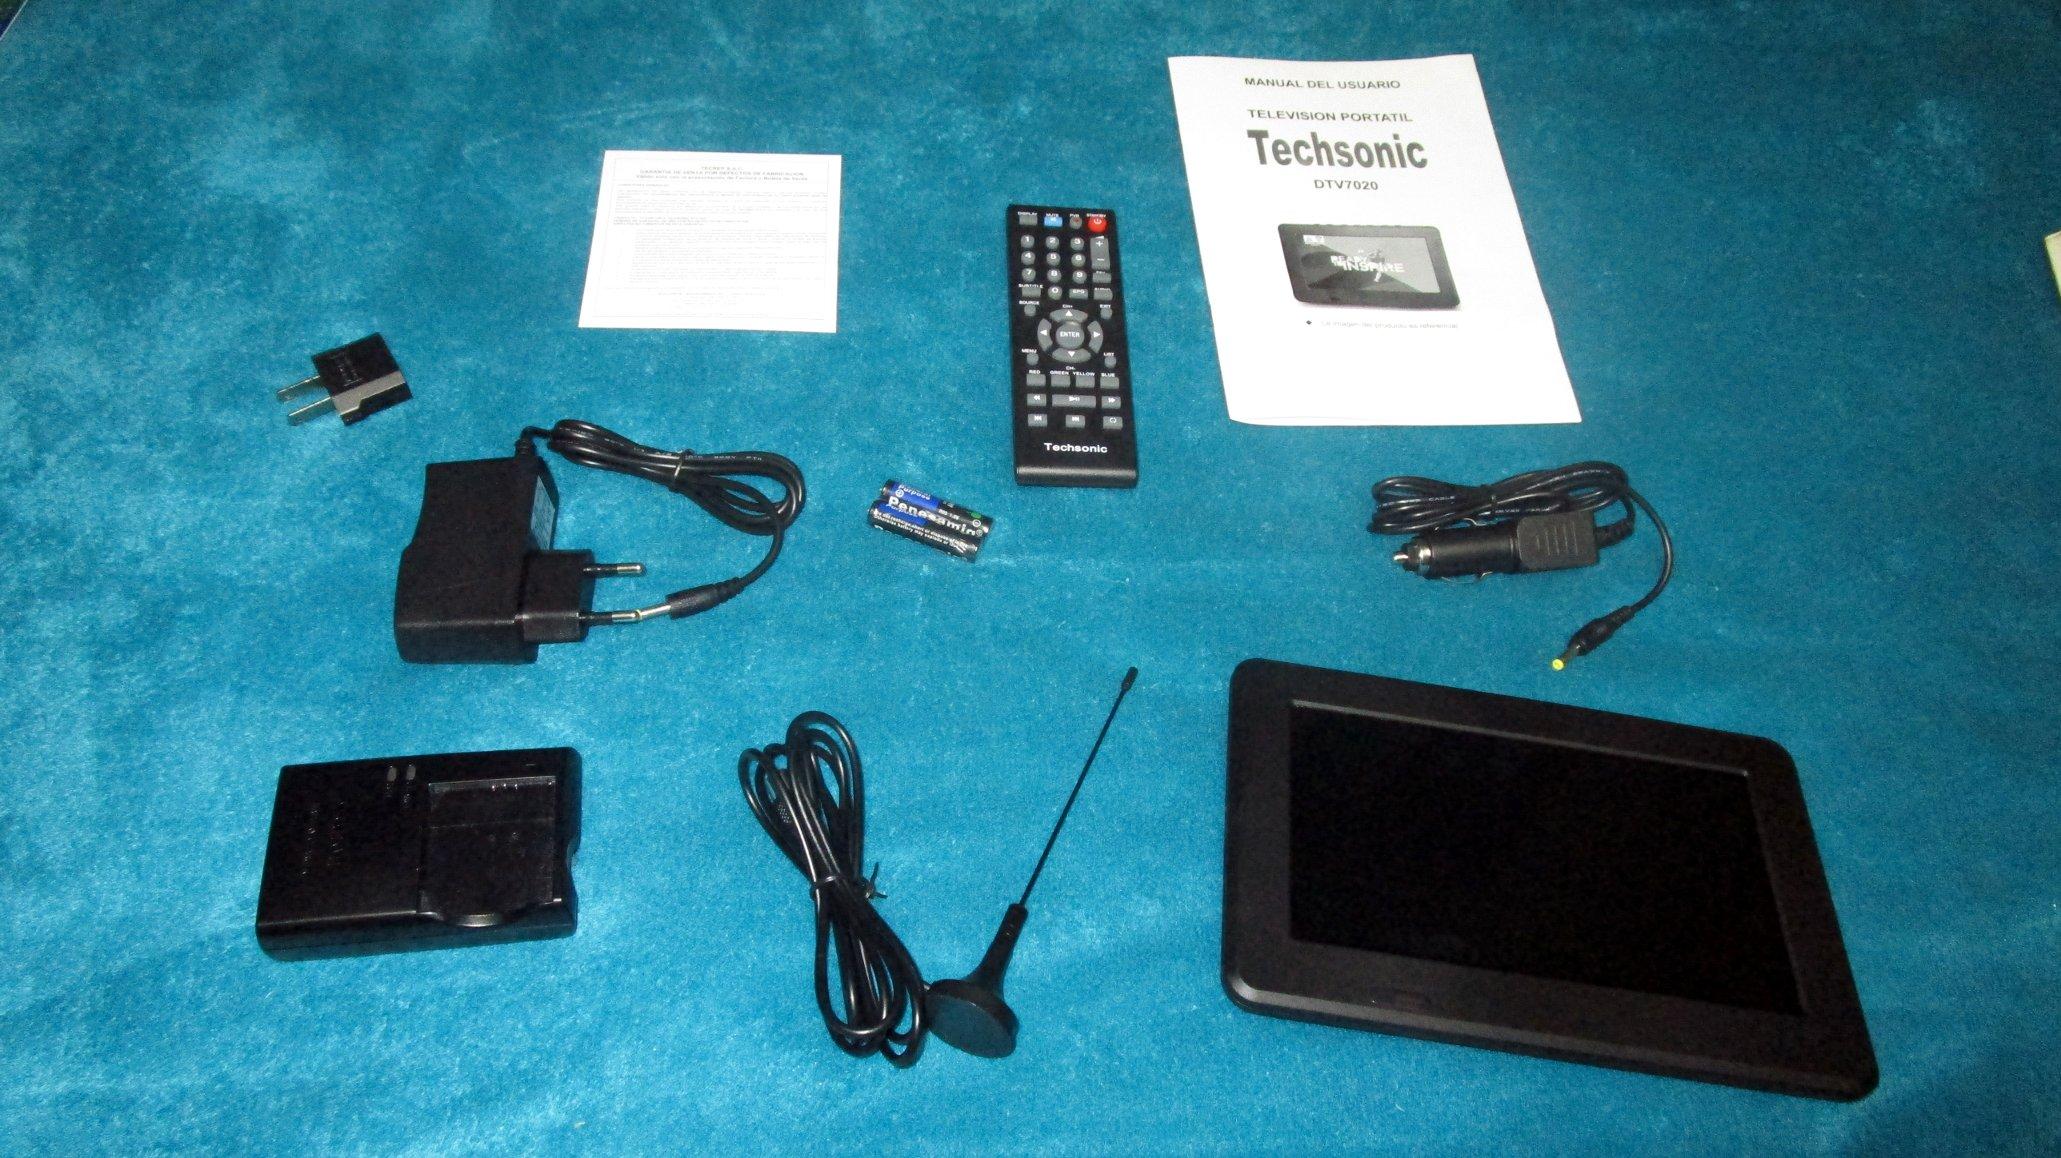 TV portátil Techsonic DTV7020 - Contenido de la caja